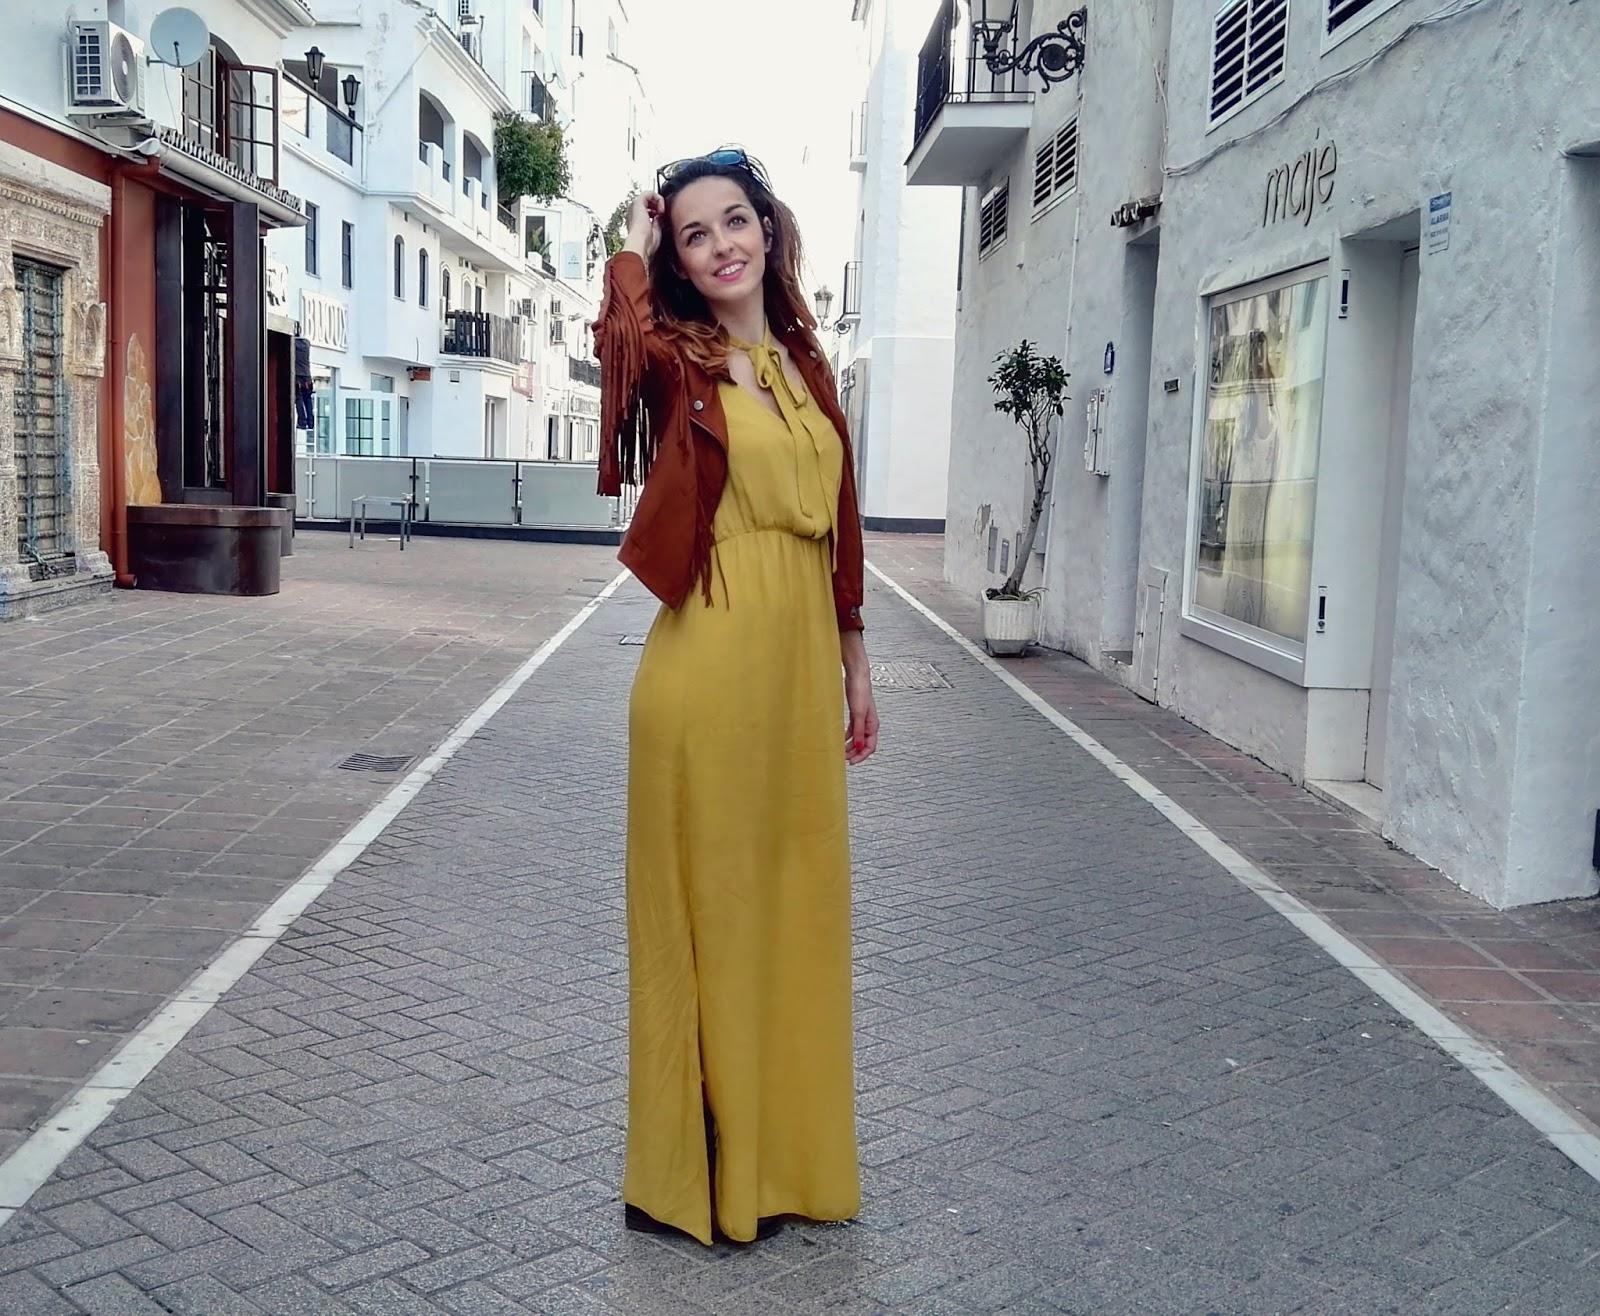 6acce1399ec Chaqueta para vestido amarillo – Chaquetas de hombre y mujer 2019